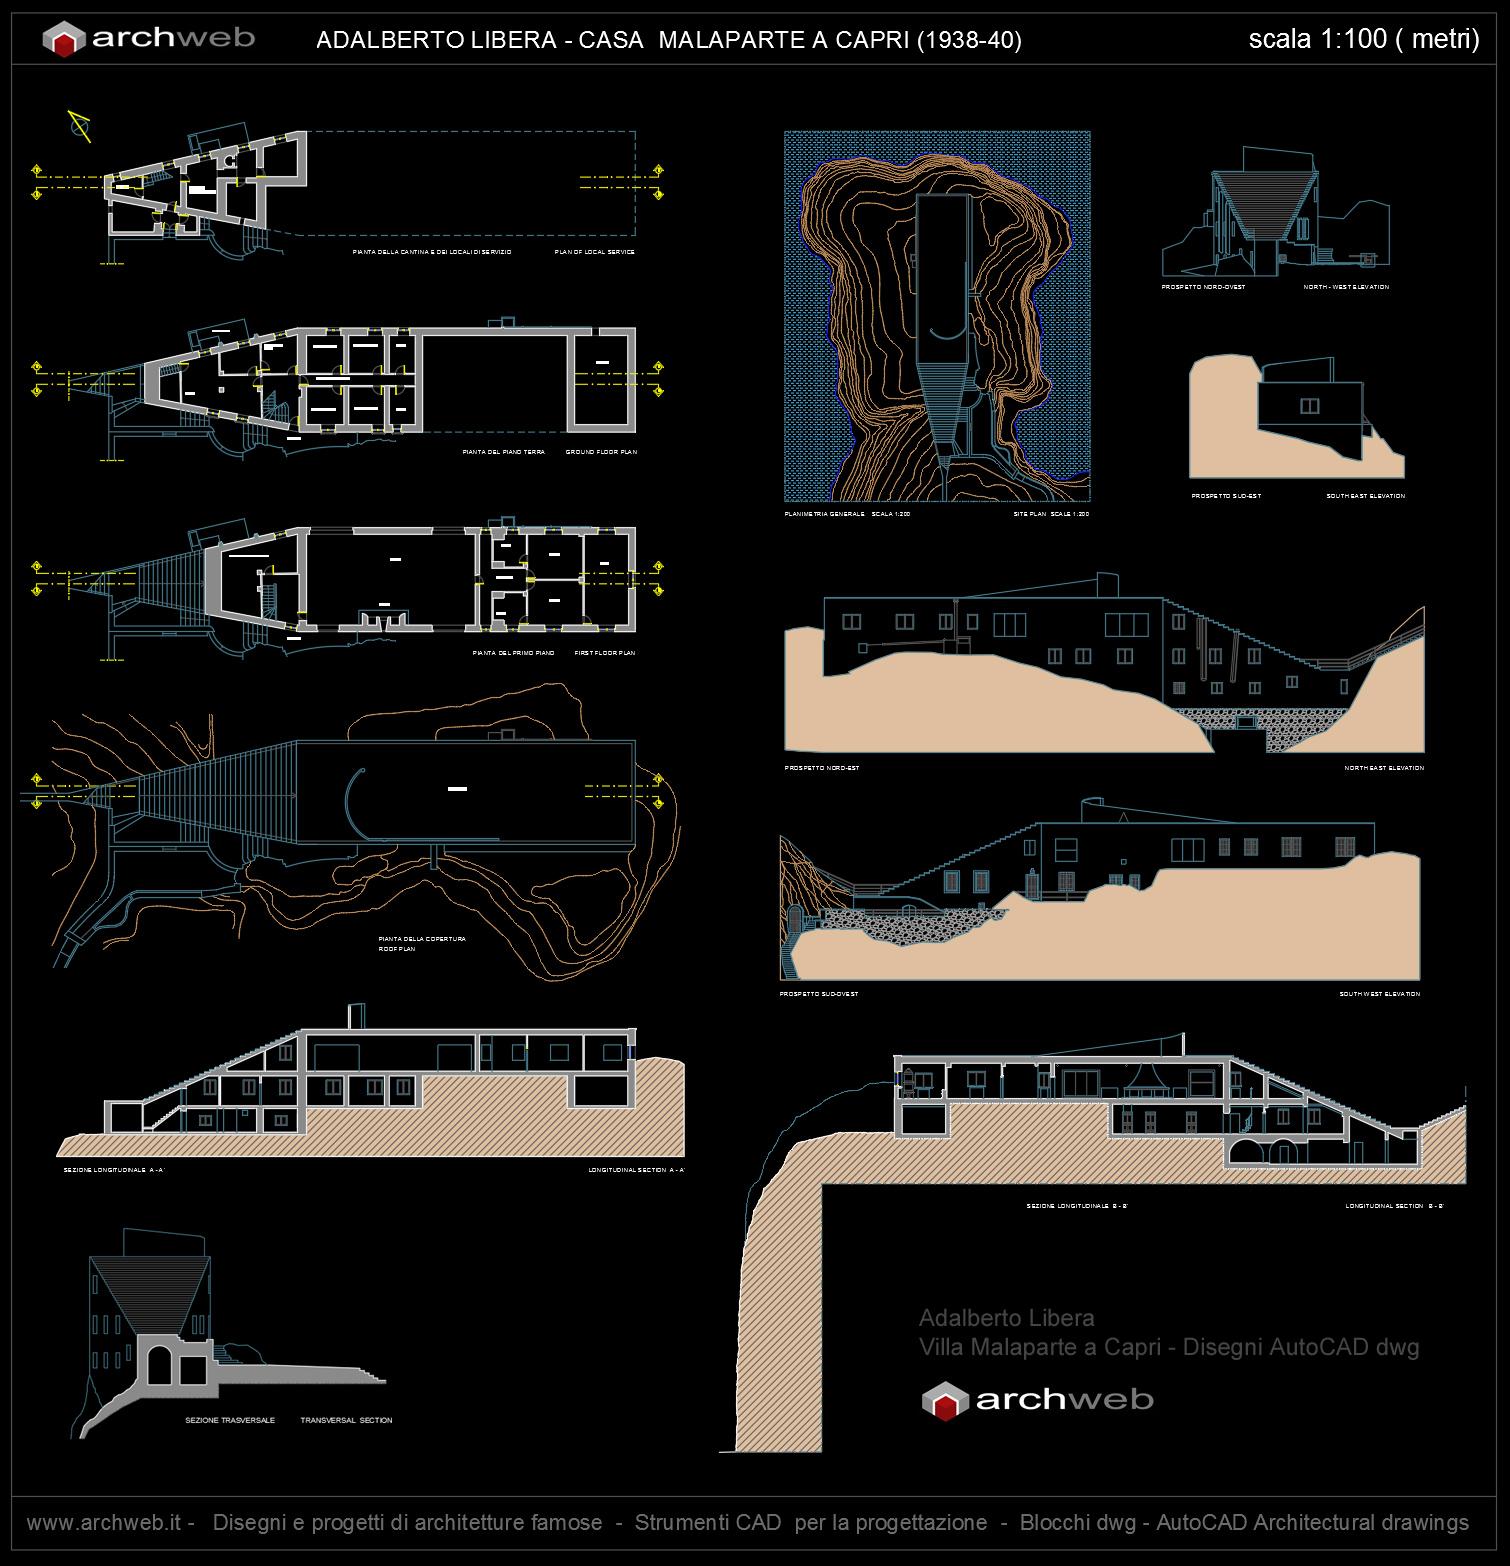 The House Plan Villa Malaparte A Capri Progetto Autocad Dwg